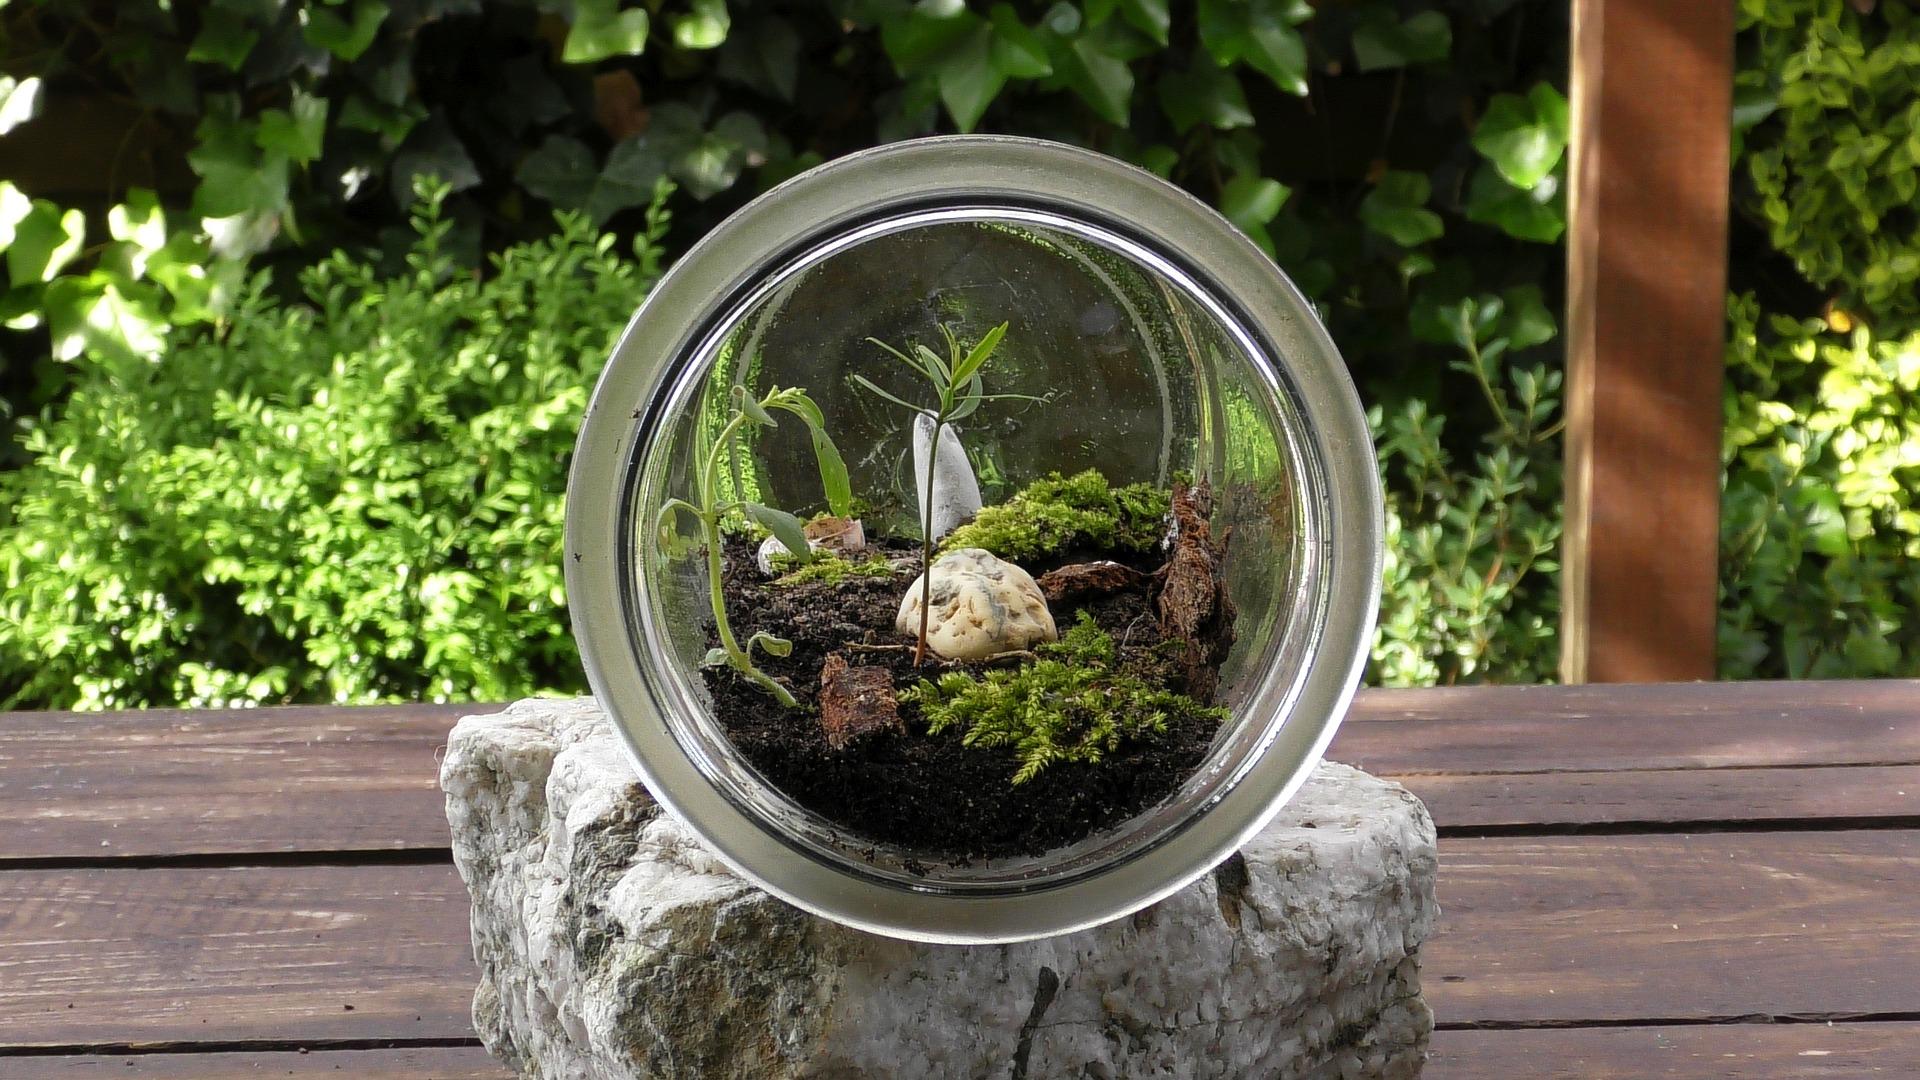 Comment Faire Un Terrarium Plante Grasse comment réaliser un terrarium chez soi ? | ligne jardin